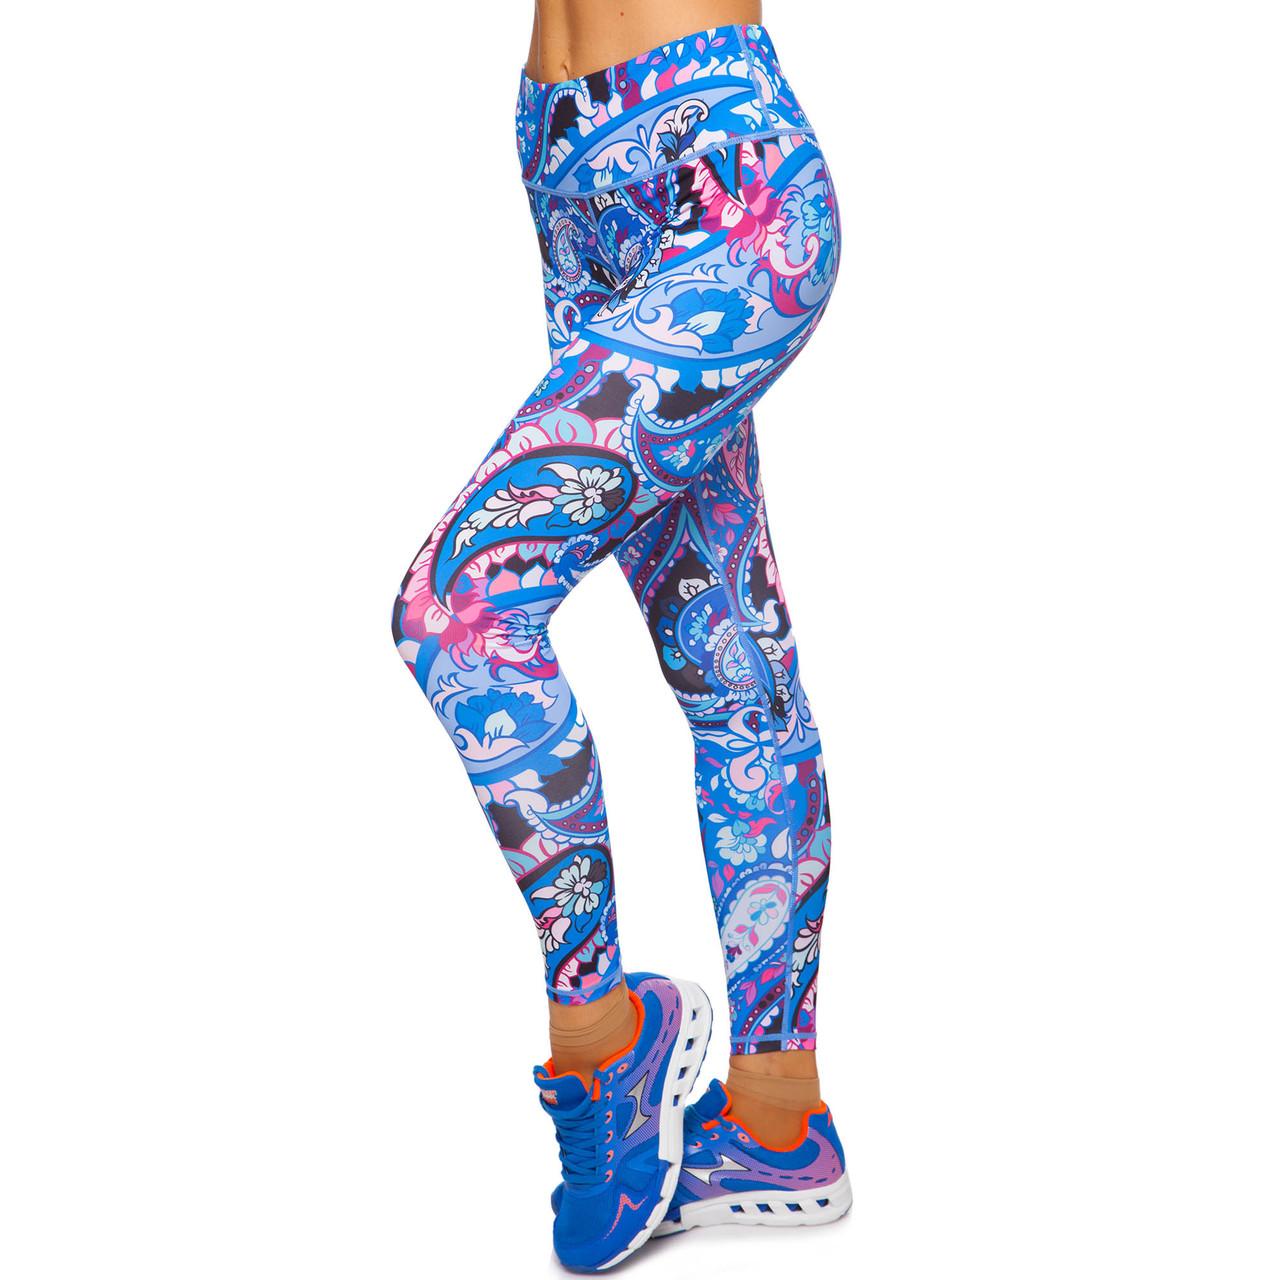 Лосины для фитнеса и йоги с принтом Domino YH81 размер S-L рост 150-180, вес 40-60кг синий-розовый